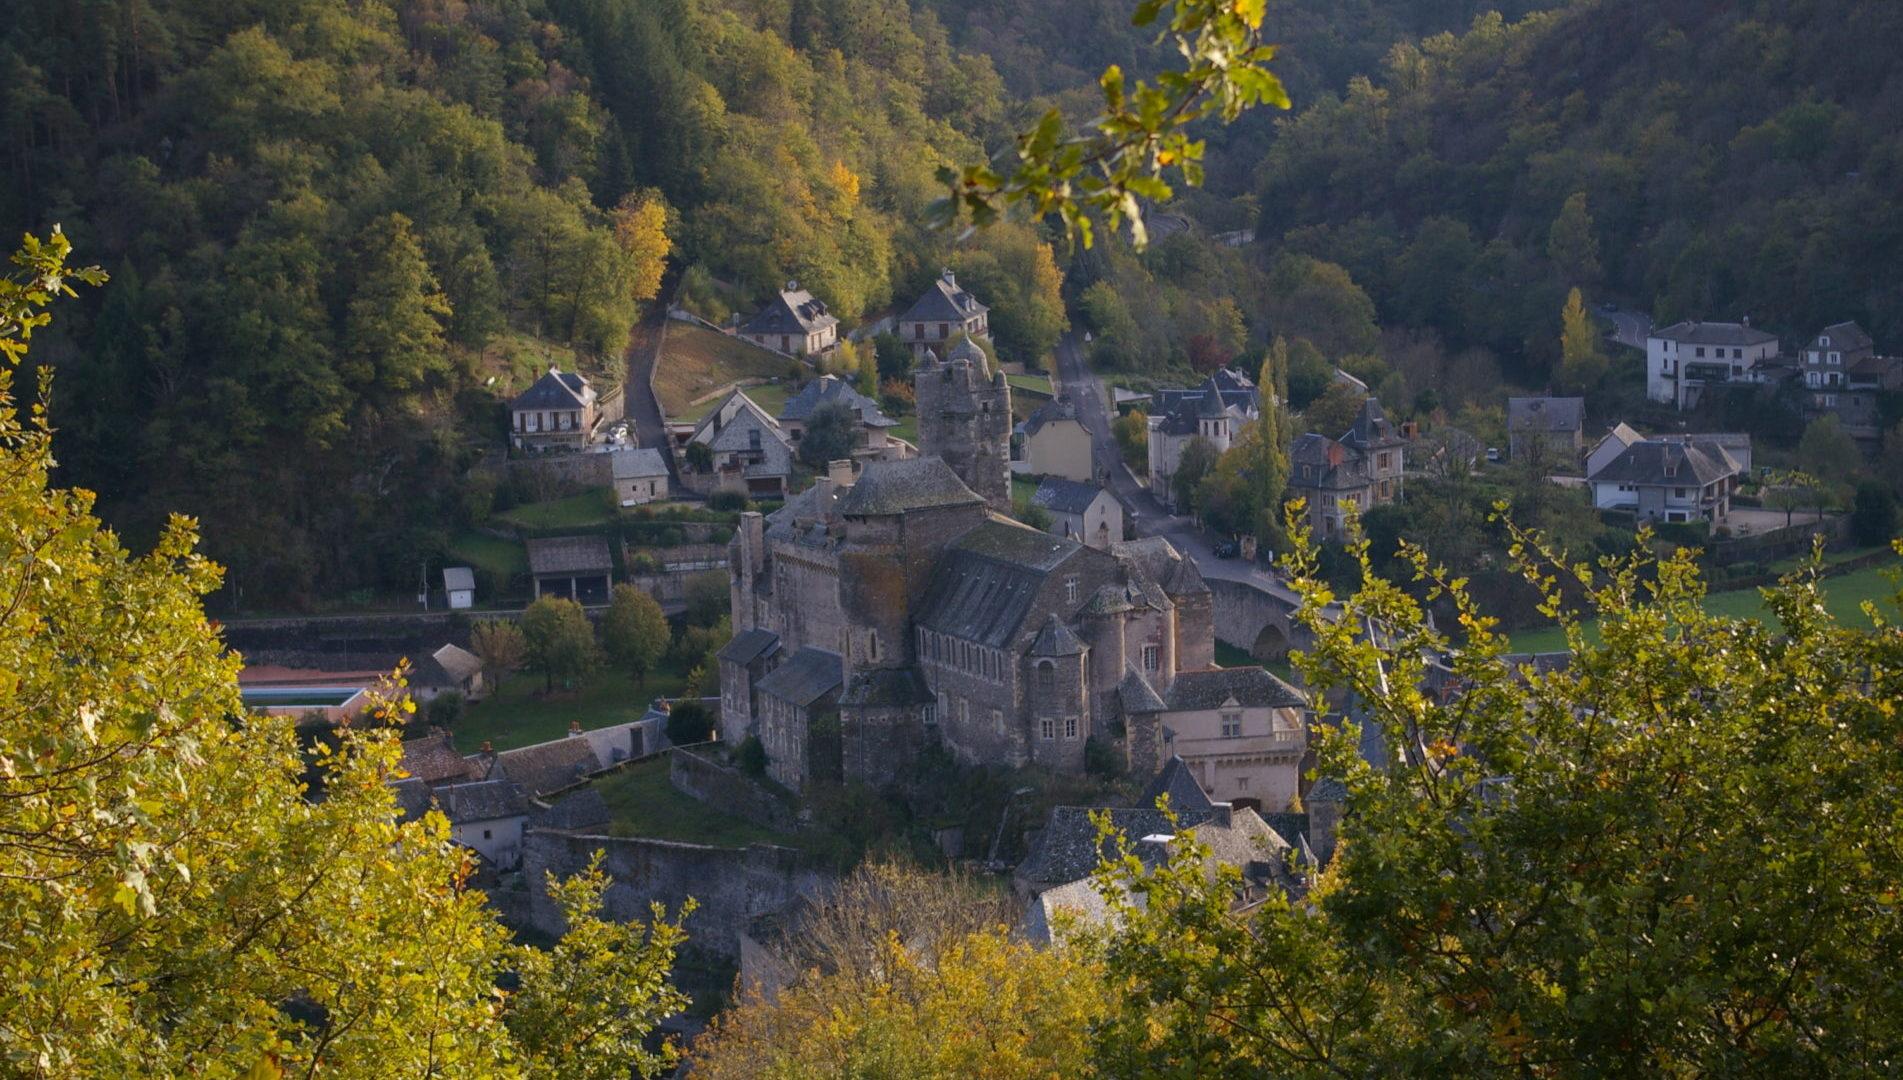 Vue en hauteur sur le château d'Estaing